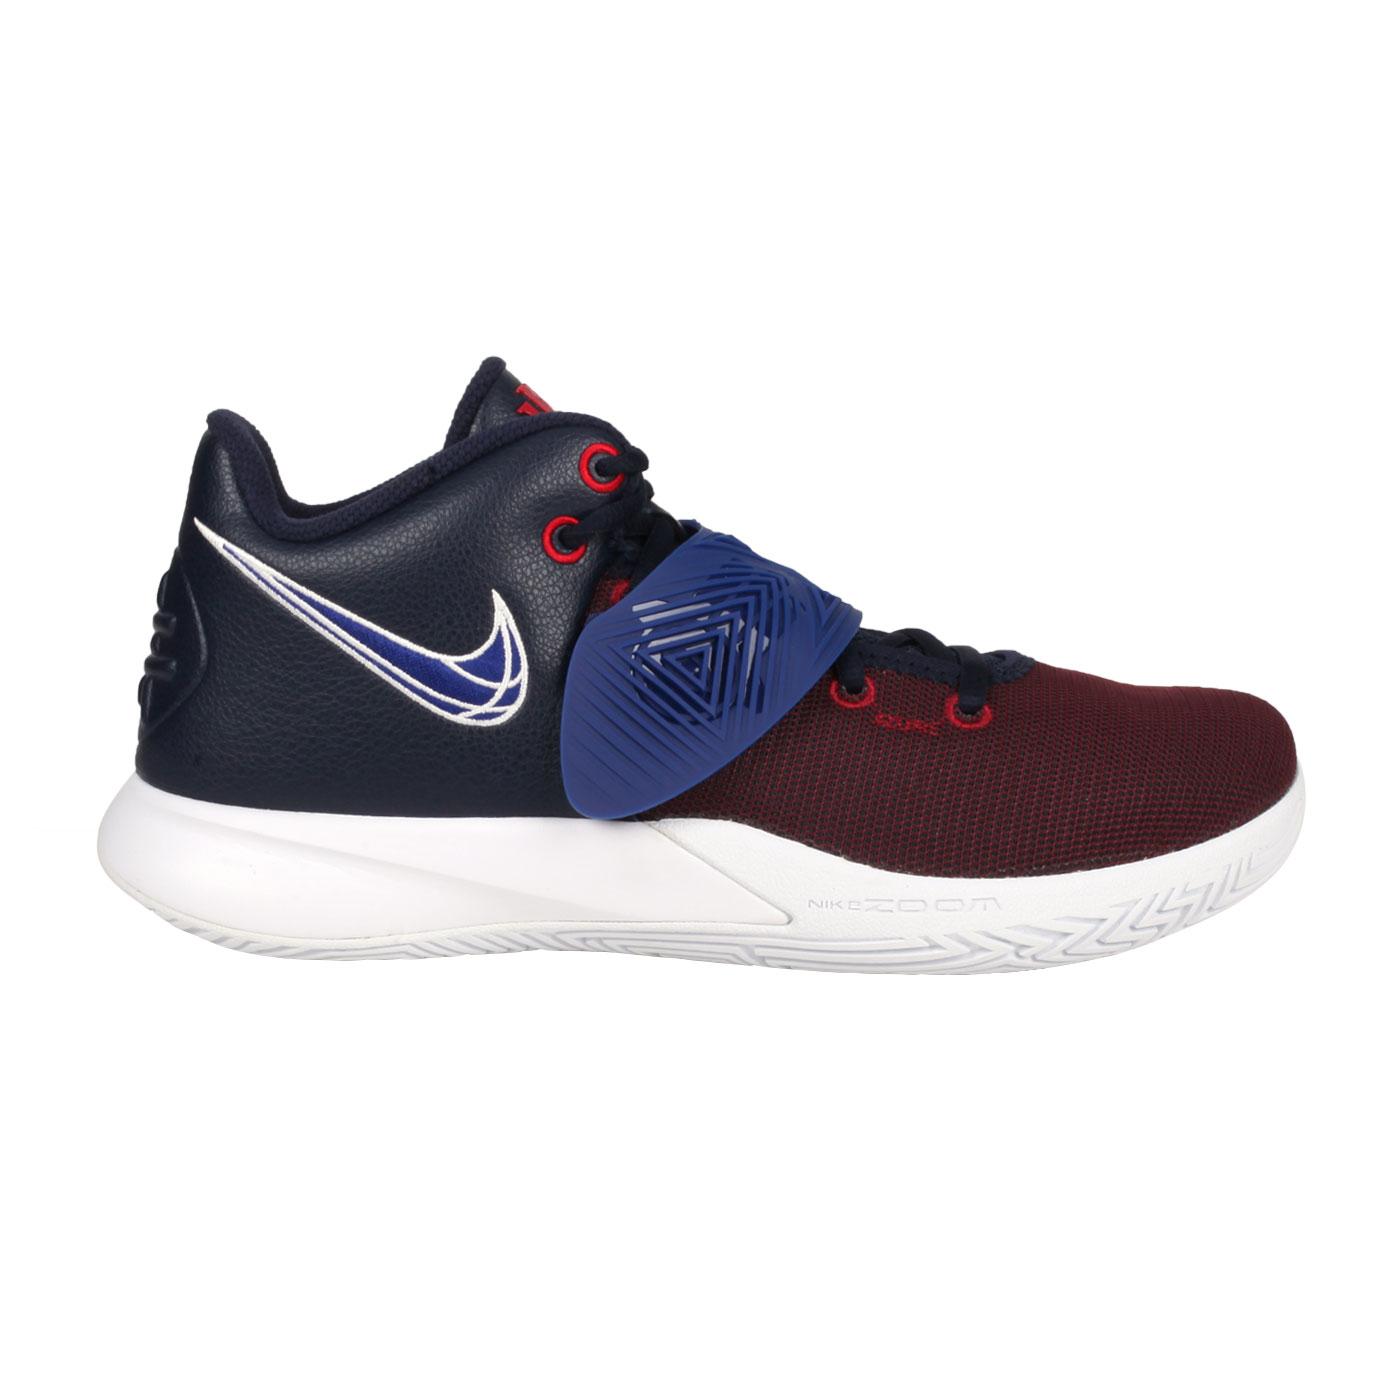 NIKE 男款籃球鞋  @KYRIE FLYTRAP III EP@CD0191008 - 暗紅丈青藍